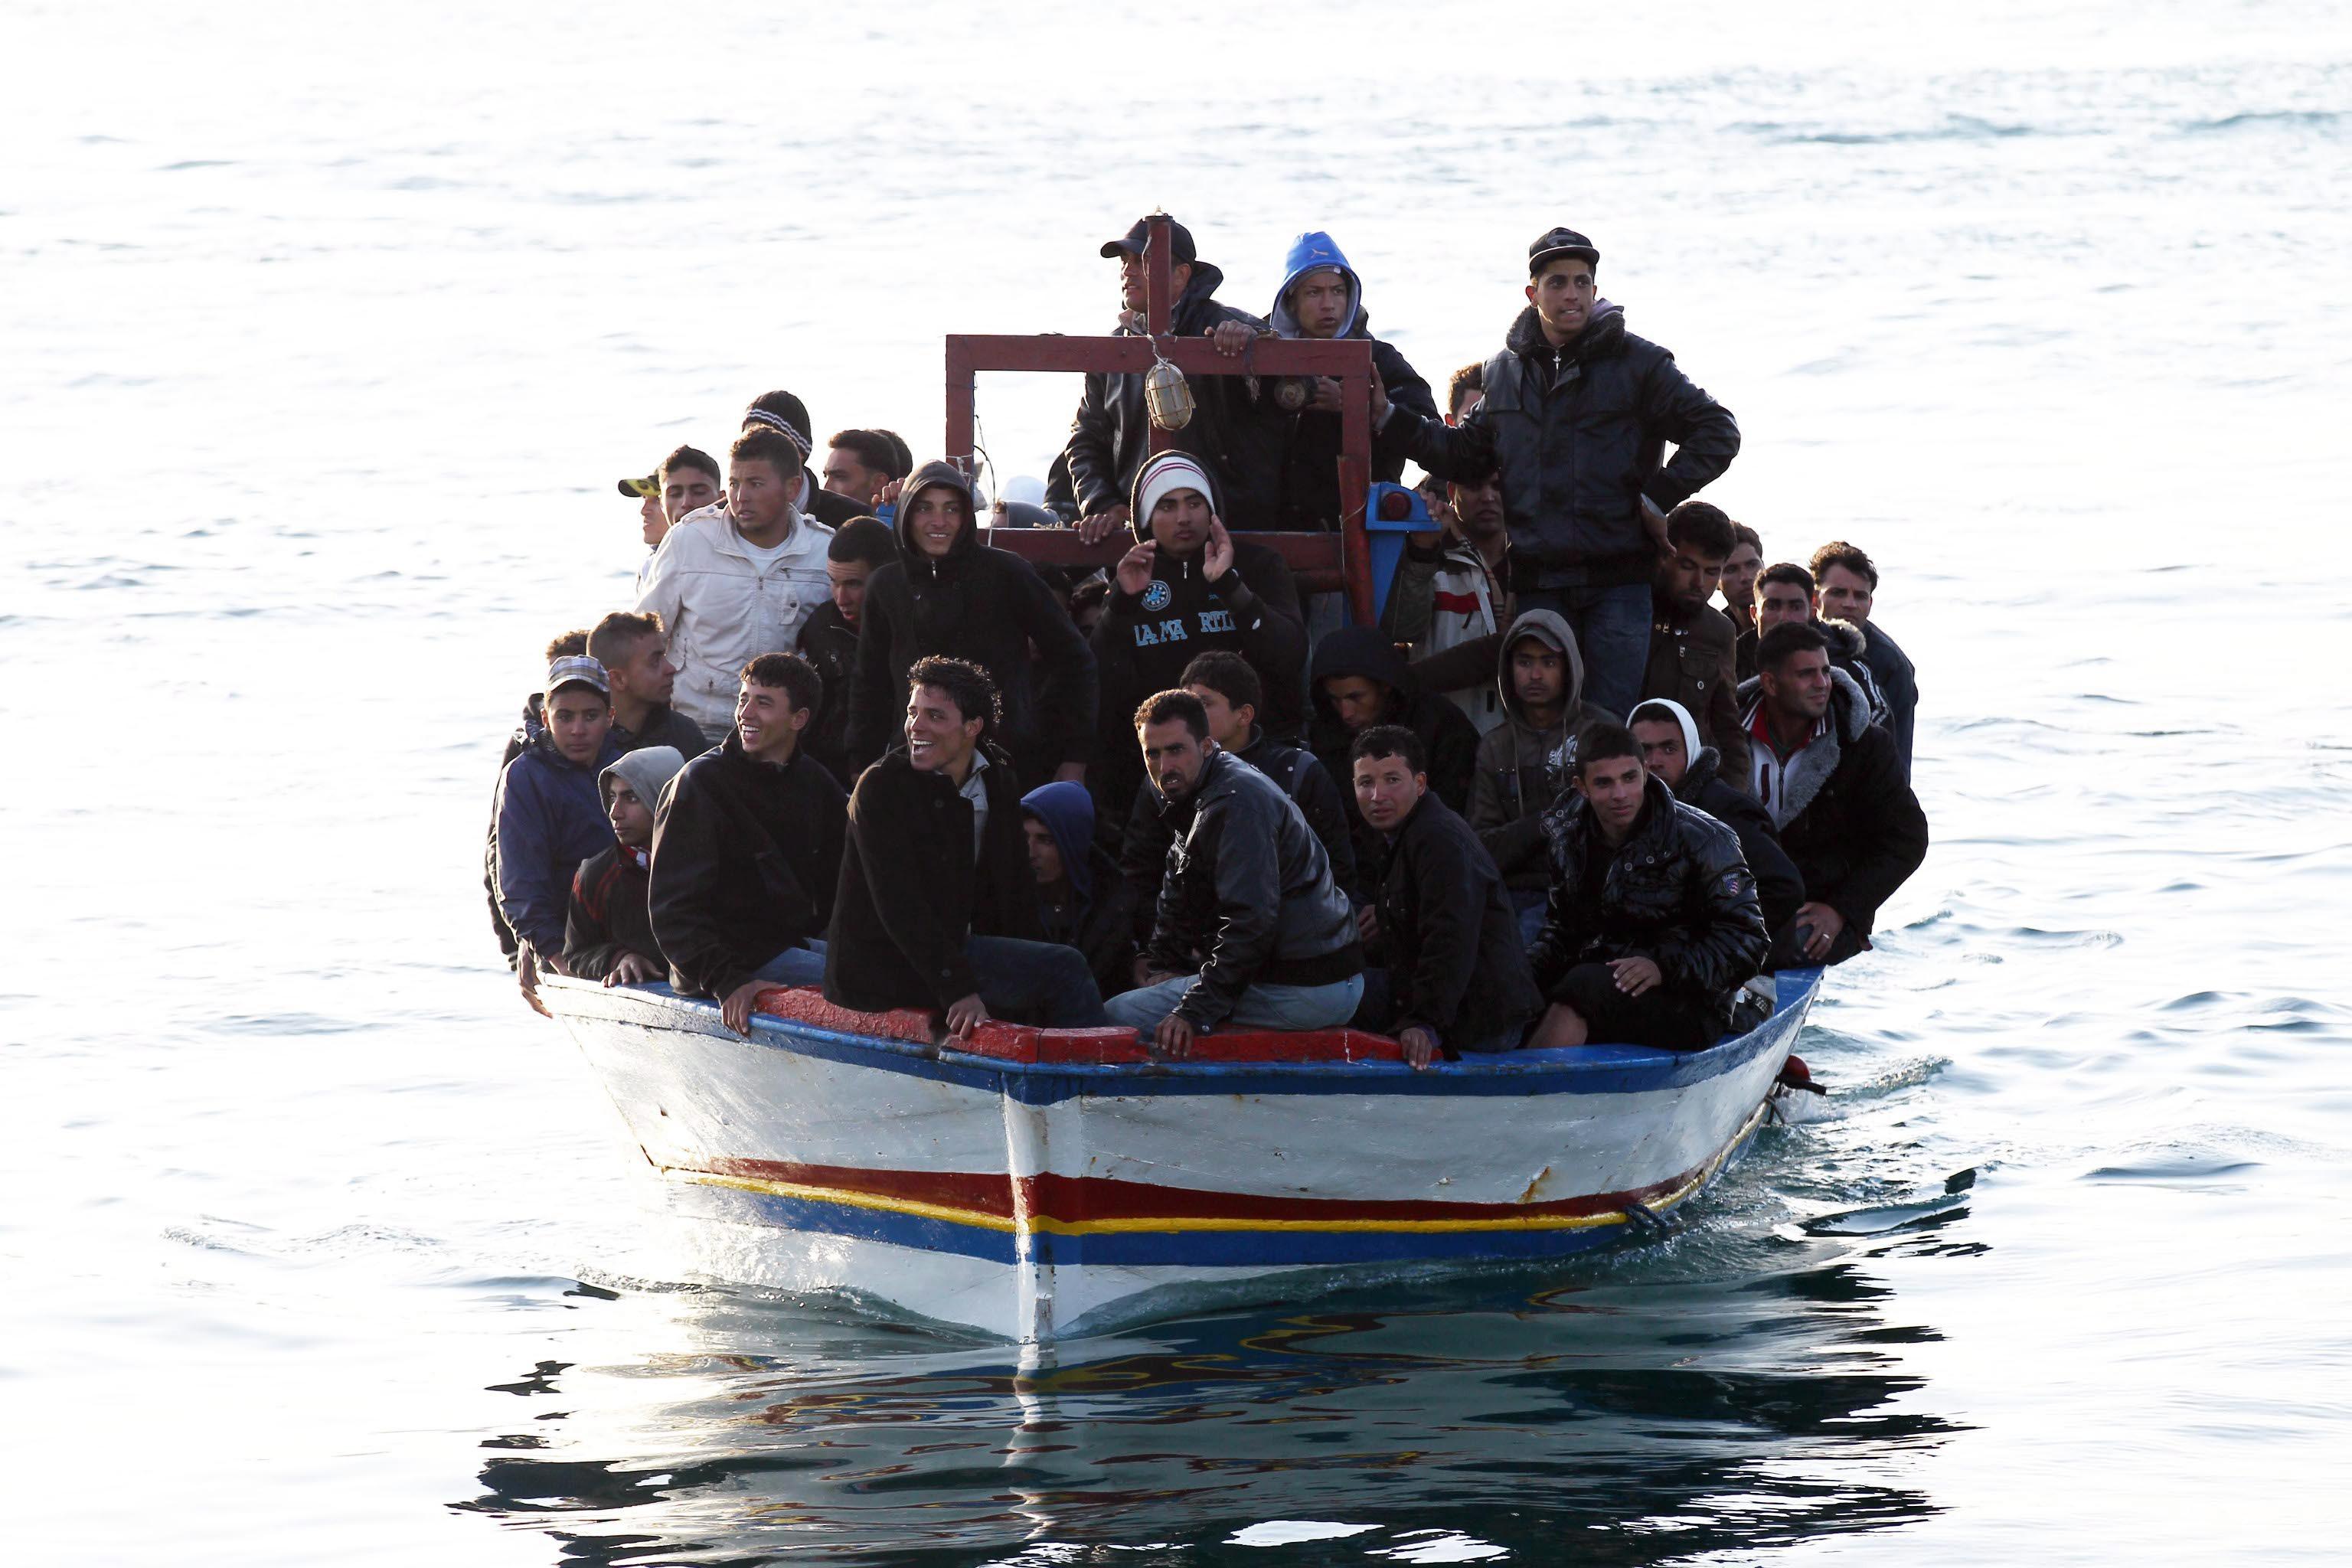 Ερευνα για πλοίο του ΝΑΤΟ που άφησε αβοήθητους πρόσφυγες ζητά η Ιταλία   tovima.gr